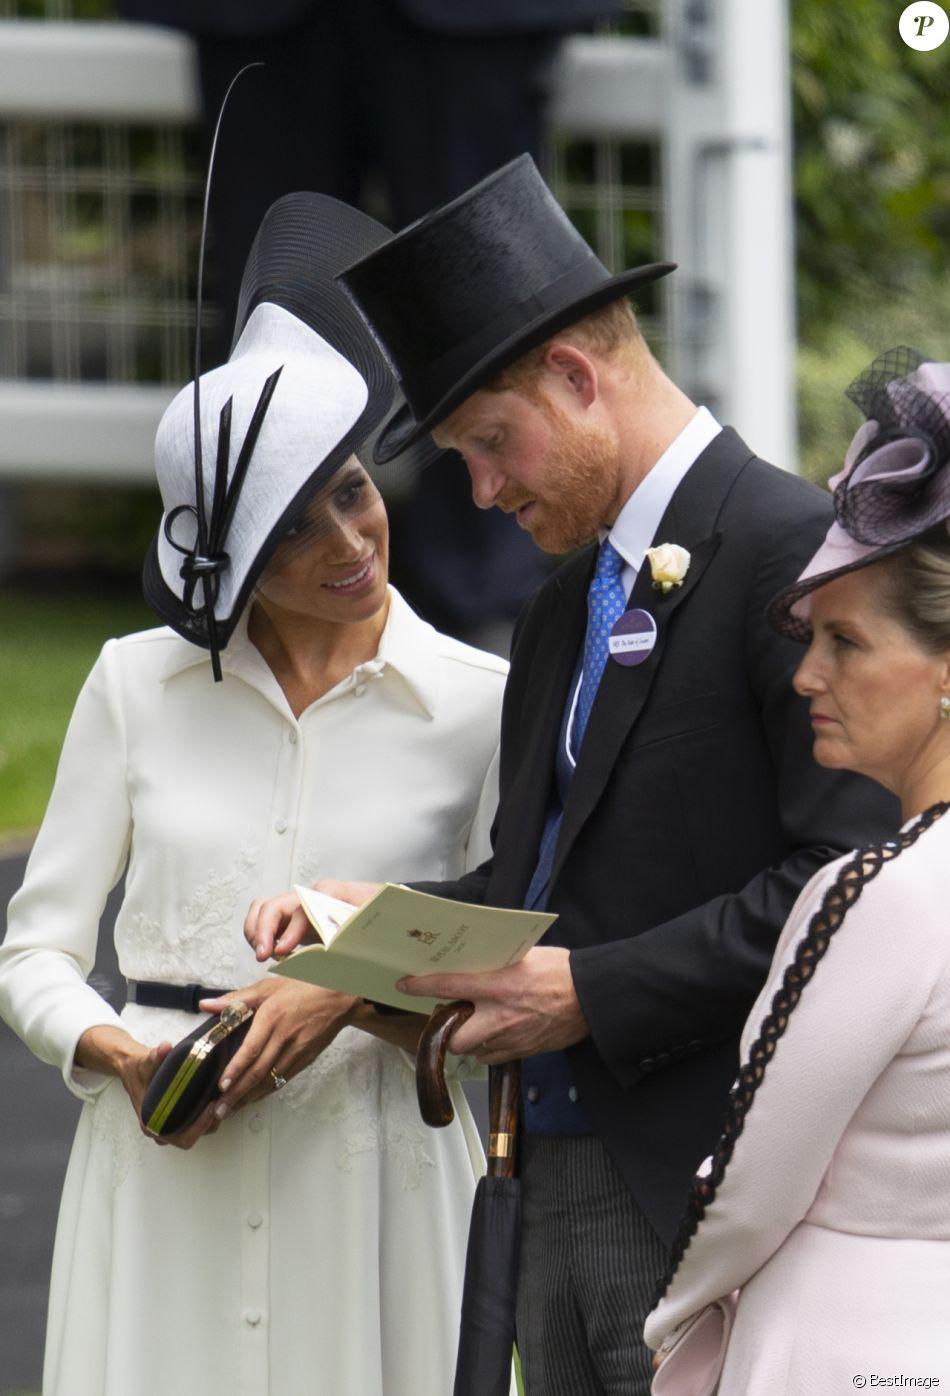 La duchesse Meghan de Sussex (Meghan Markle) et le prince Harry le 19 juin 2018 au Royal Ascot.